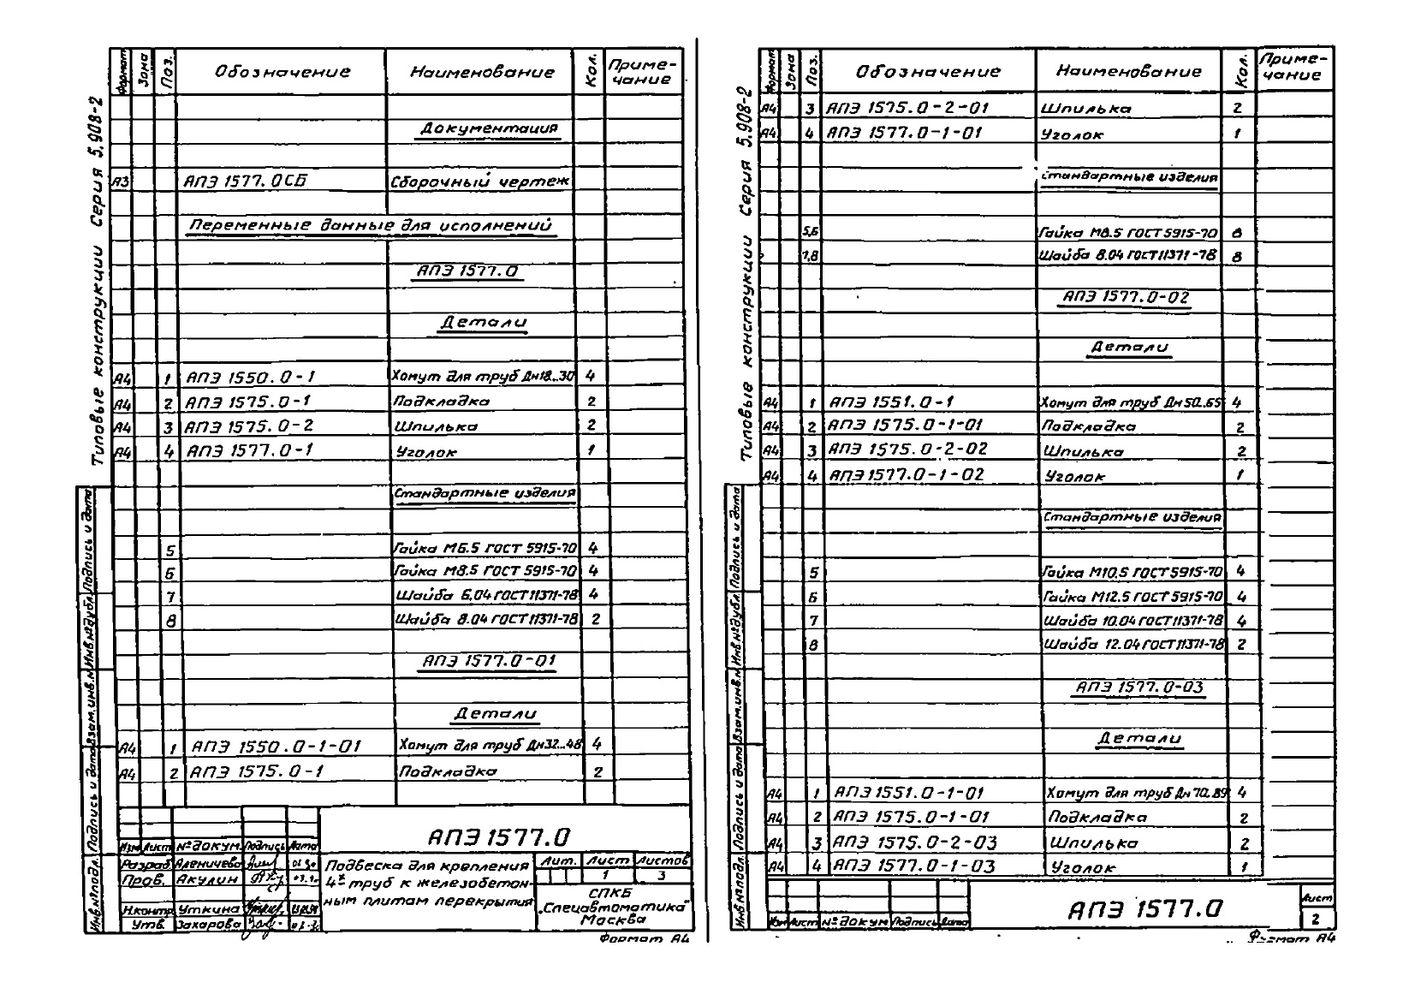 Подвеска АПЭ 1577.0 серия 5.908-2 стр.2